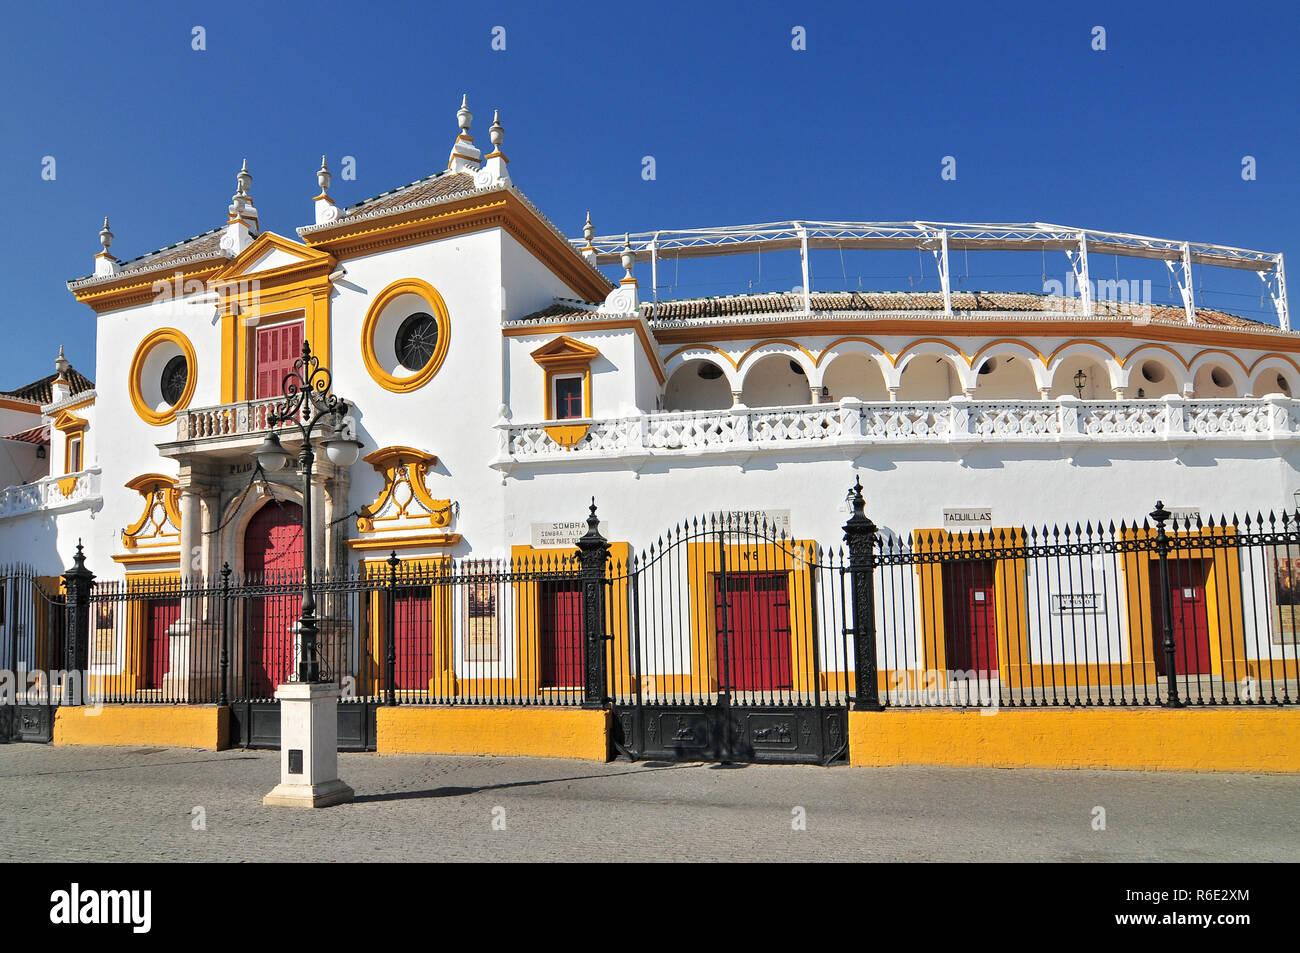 Spain, Andalusia, Sevilla, Plaza De Toros De La Real Maestranza De Caballeria De Sevilla, The Baroque Facade Of The Bullring - Stock Image